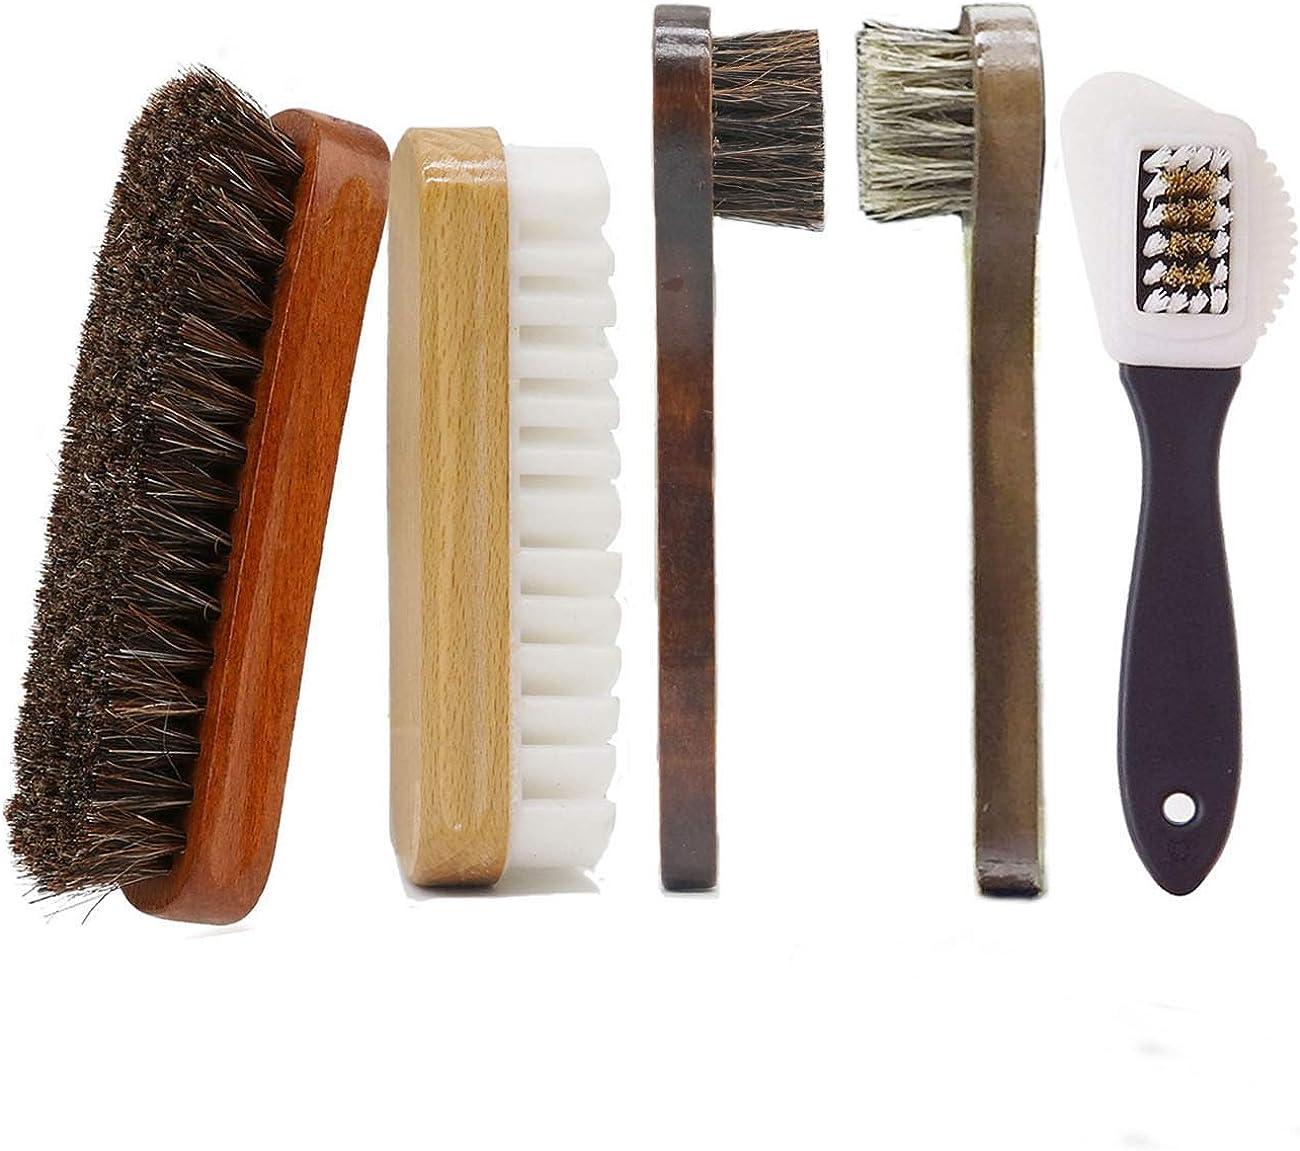 AlgaMarina Juego de Cepillos para Zapatos Limpiador de Zapatos Multifuncional para Limpieza y Cuidado de Zapatos, Botas, Asientos de Coche y Mueble de Piel